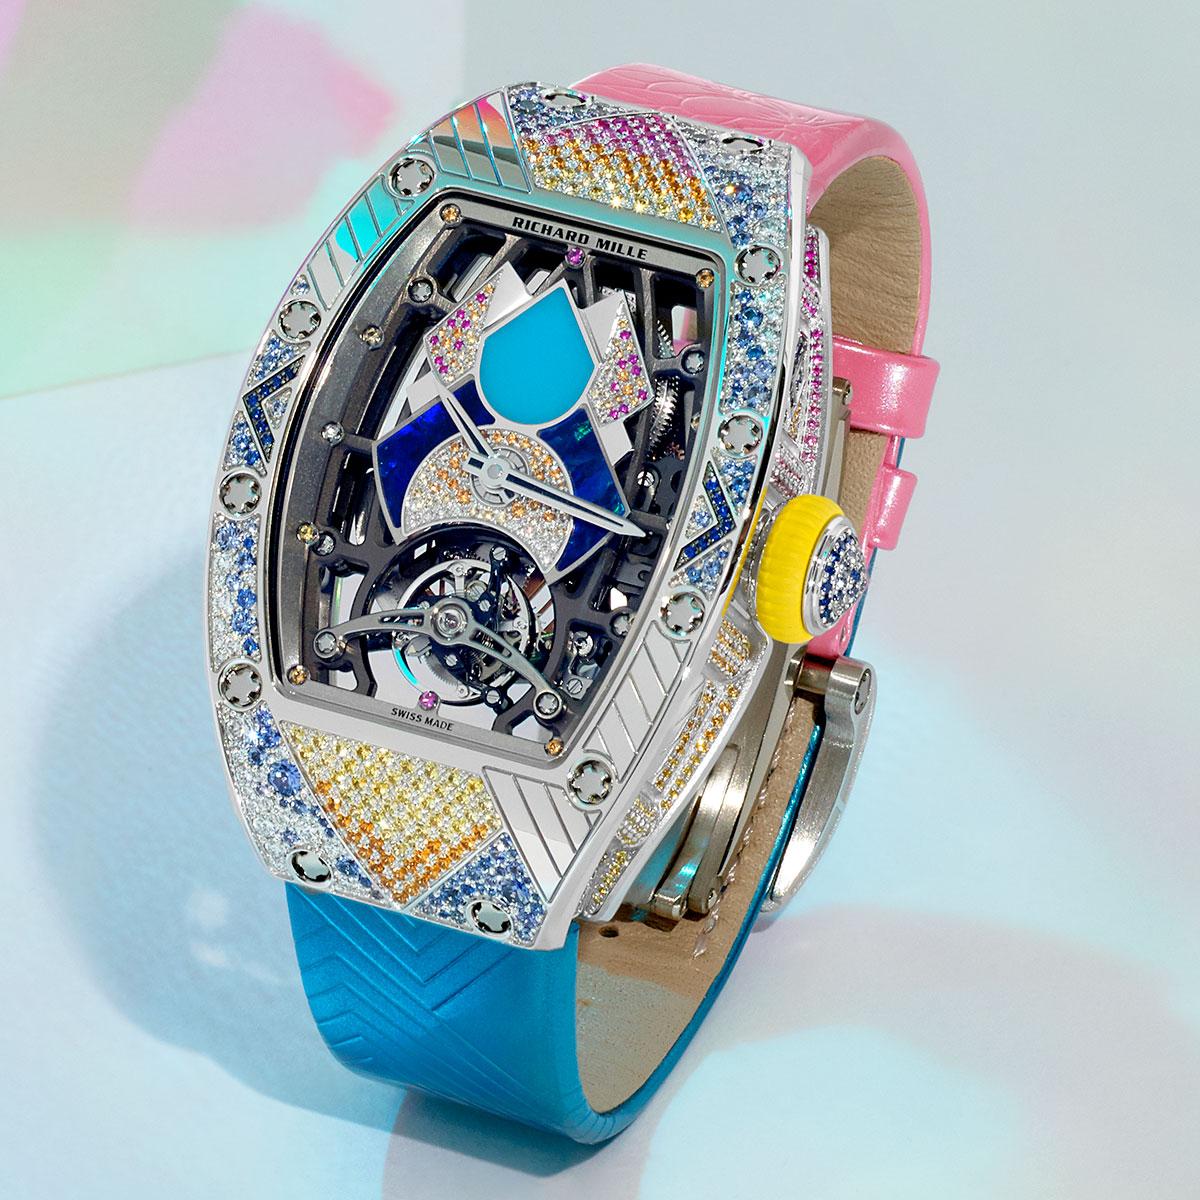 Đồng hồ RM 71-02 Automatic Tourbillon Talisman: Chiếc bùa may mắn sắc cầu vồng từ Richard Mille